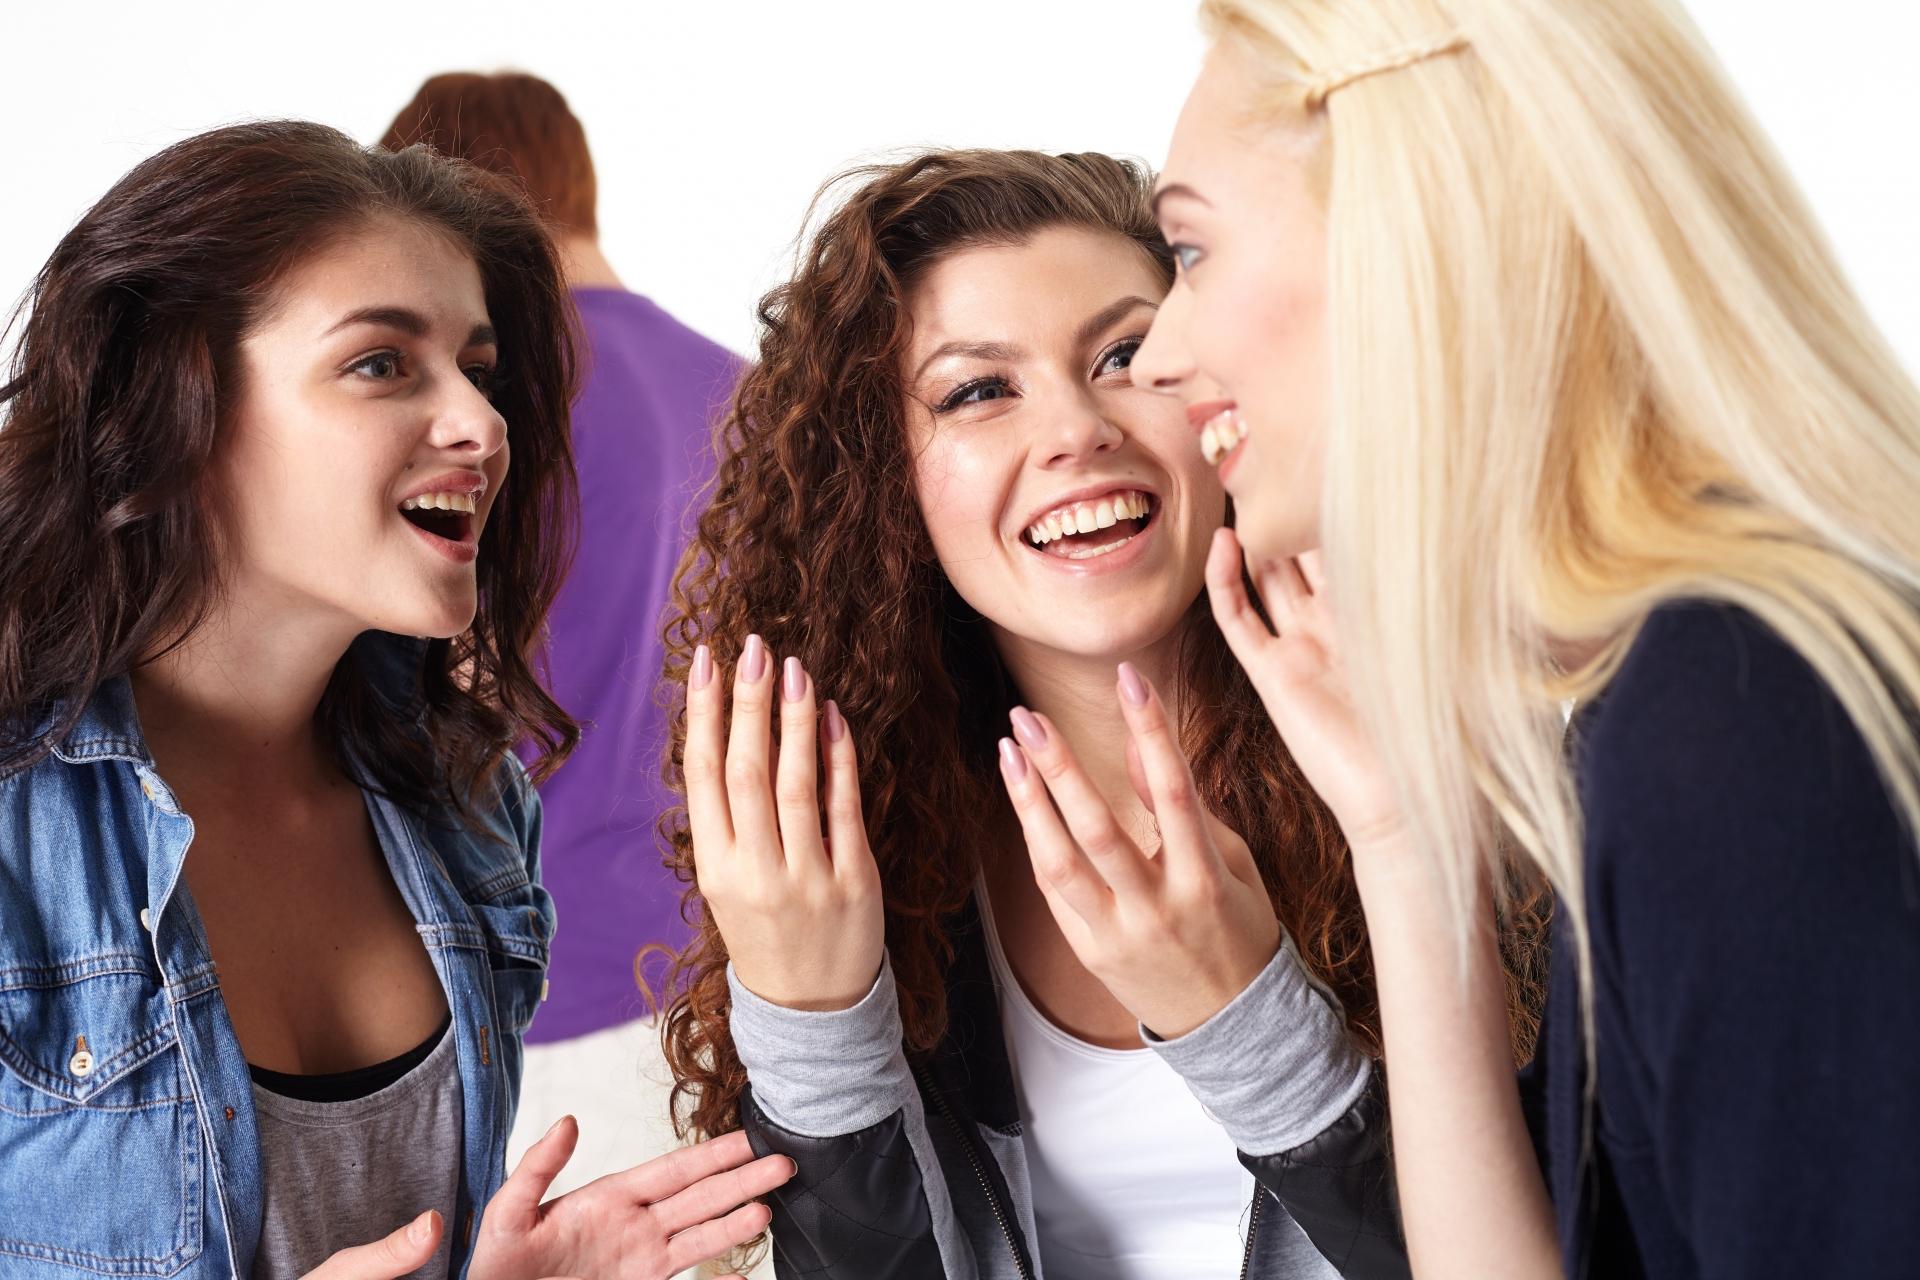 初対面の人との会話で好印象を与えるために、注意するべき5つのポイント